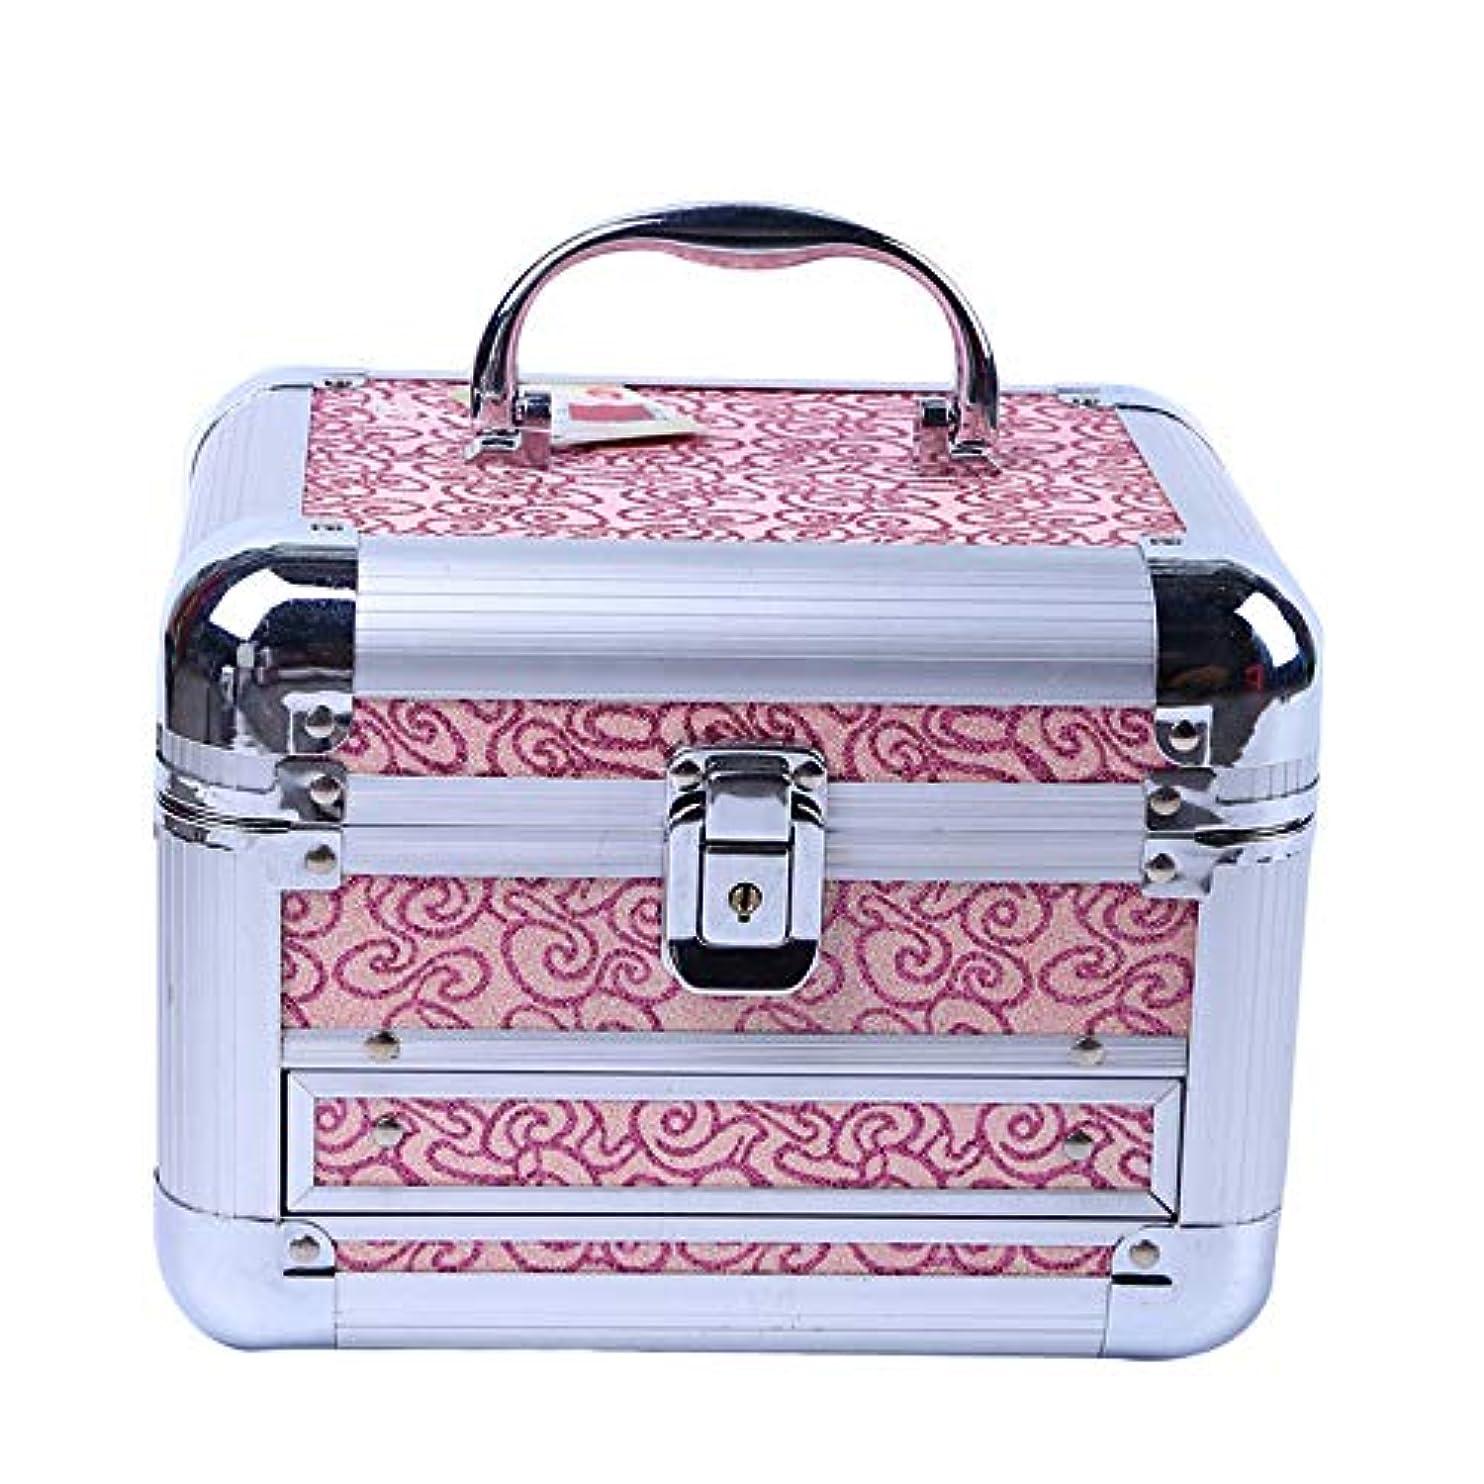 出口過敏な自分を引き上げる化粧オーガナイザーバッグ 美容メイクアップのための大容量ポータブル化粧ケース、女子女性のための化粧鏡と折り畳みトレイと旅行と毎日のストレージ 化粧品ケース